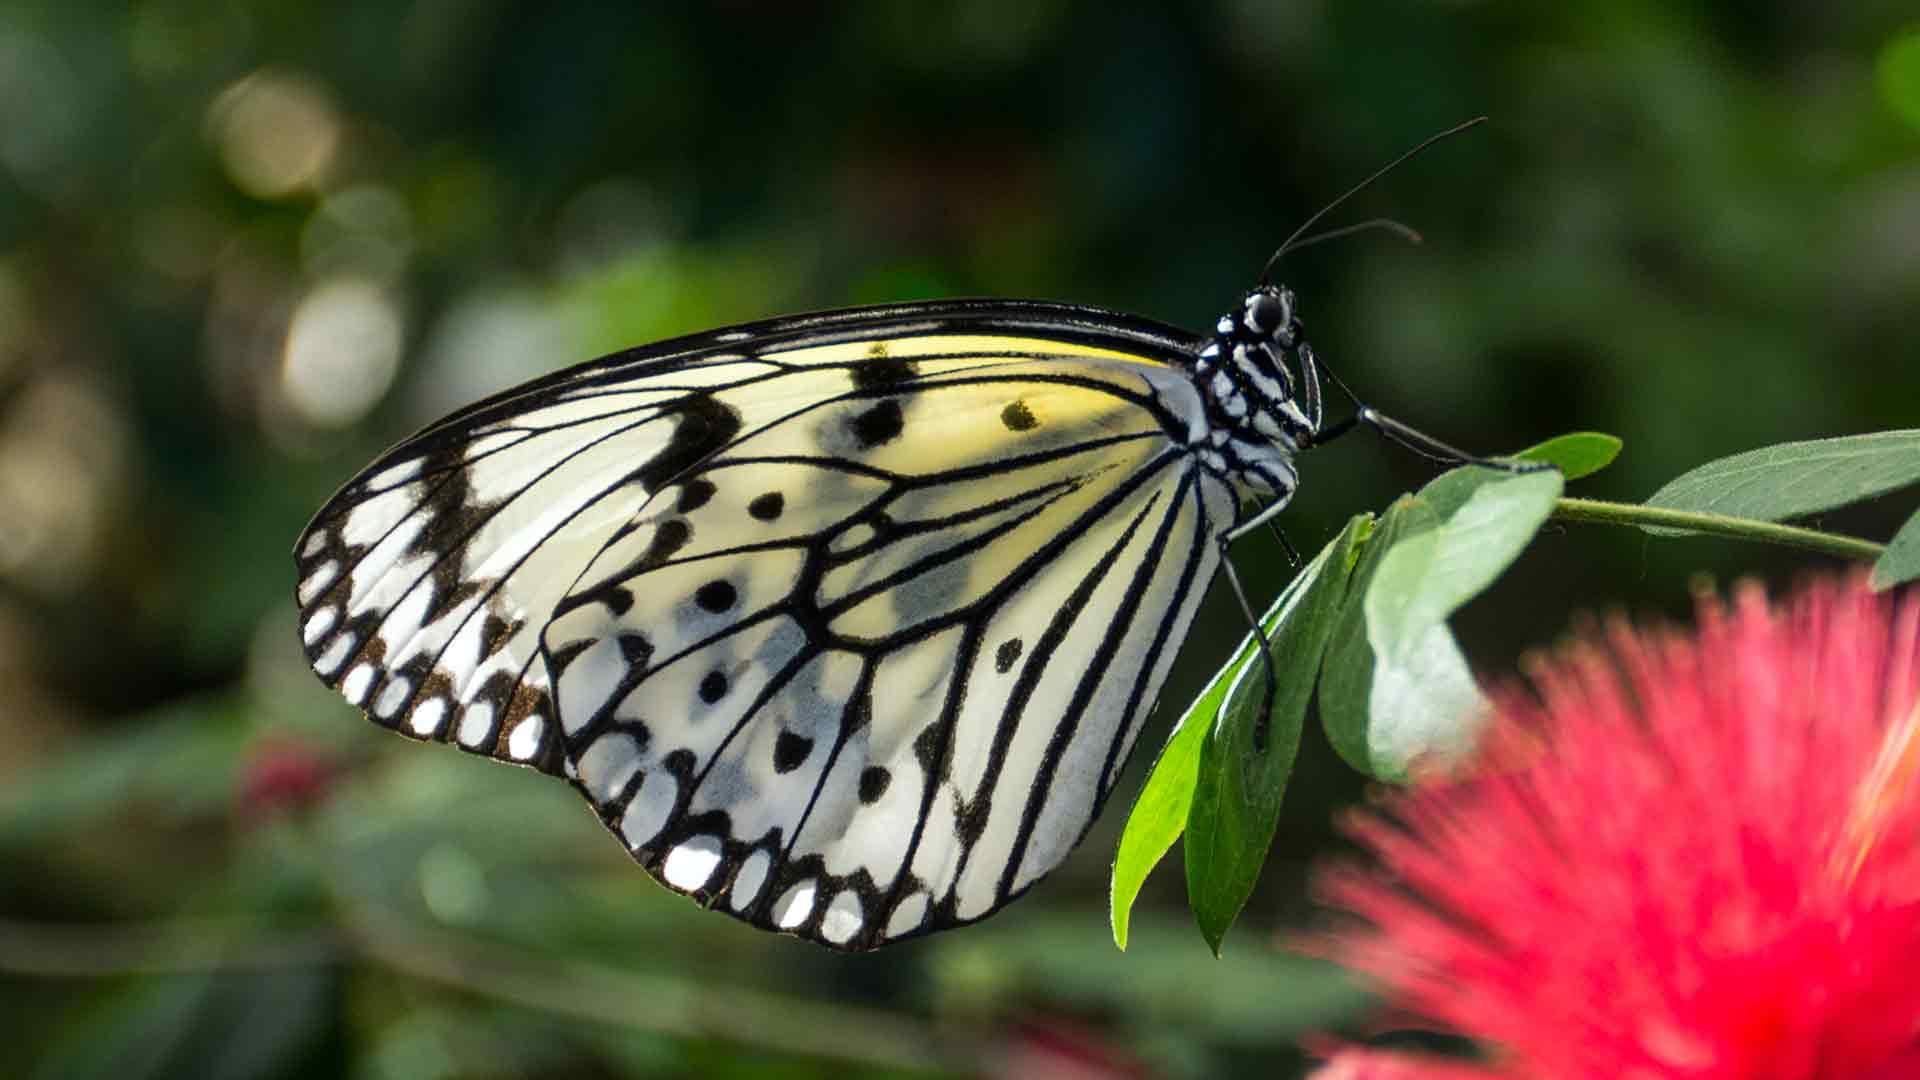 Ảnh bướm trắng cực đẹp